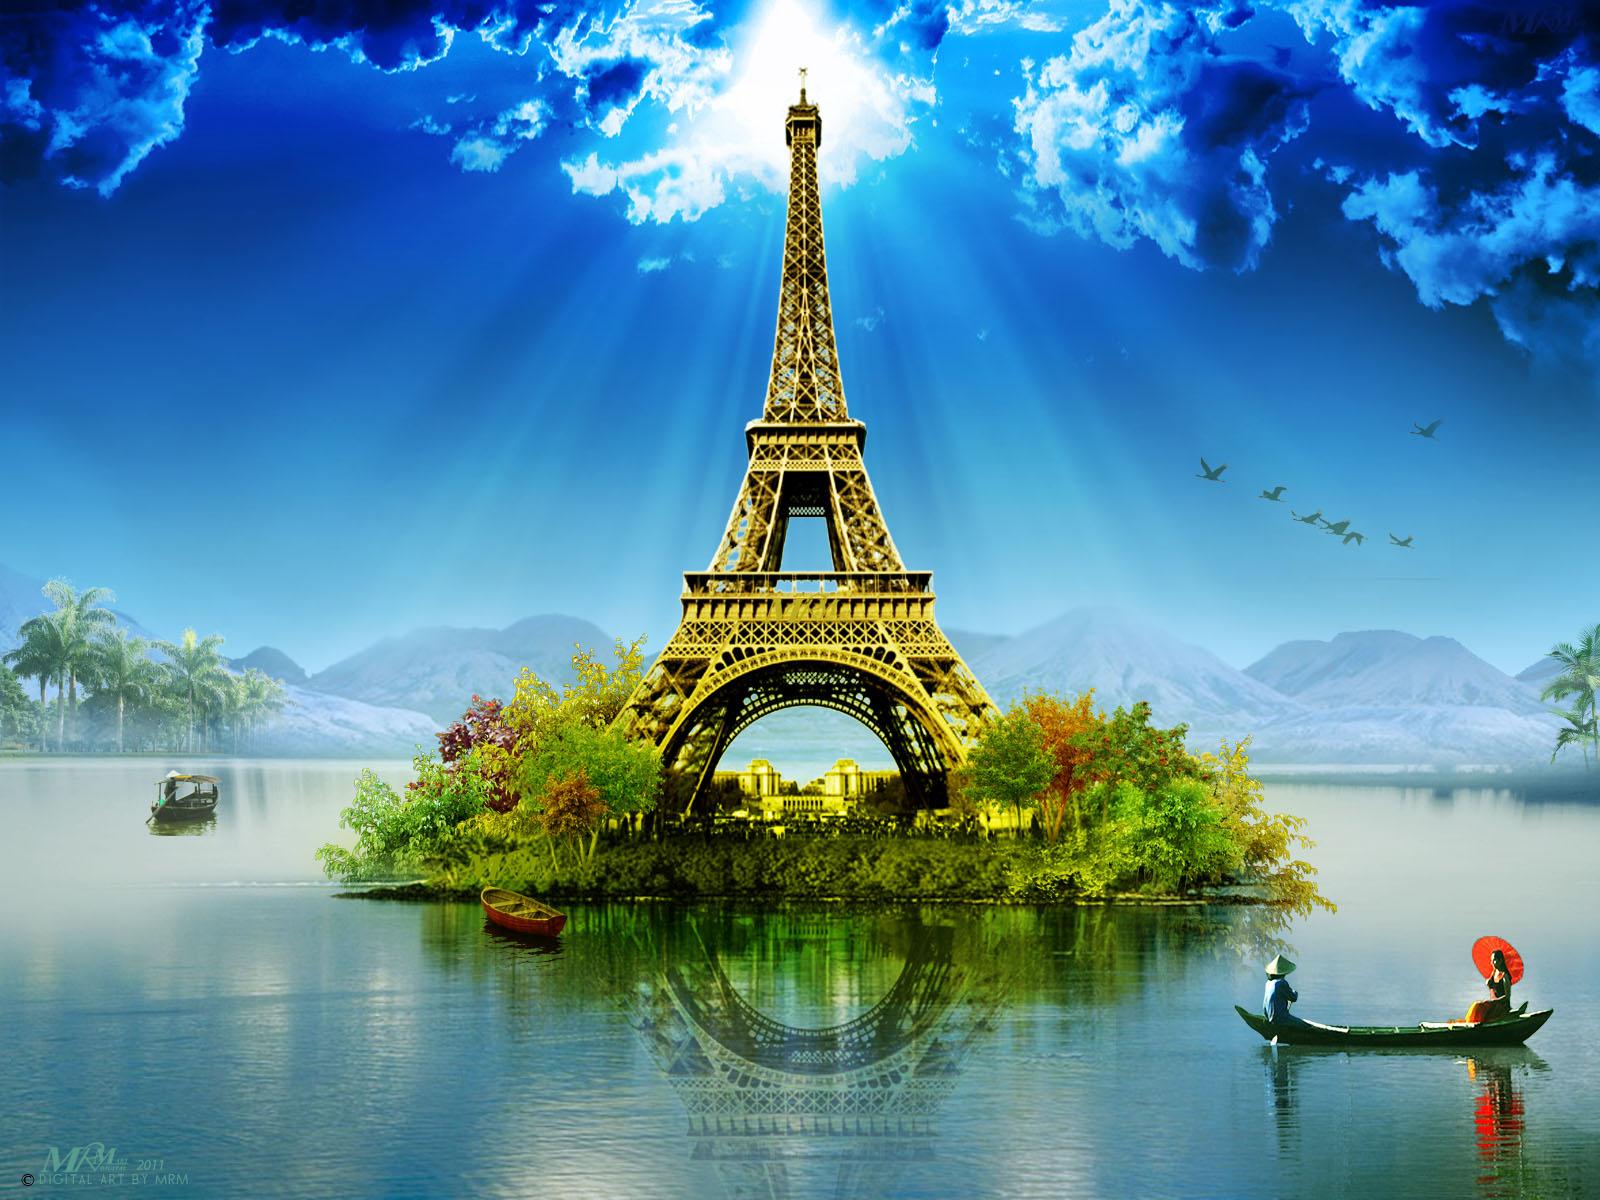 http://2.bp.blogspot.com/-kwgUyQpAYxM/TjD6WZ_qx8I/AAAAAAAABzs/CQ0RT7UTDZ4/s1600/Paris+Eiffel+Tower+wallpaper+Photo+Manipulation-By+MRM.jpg